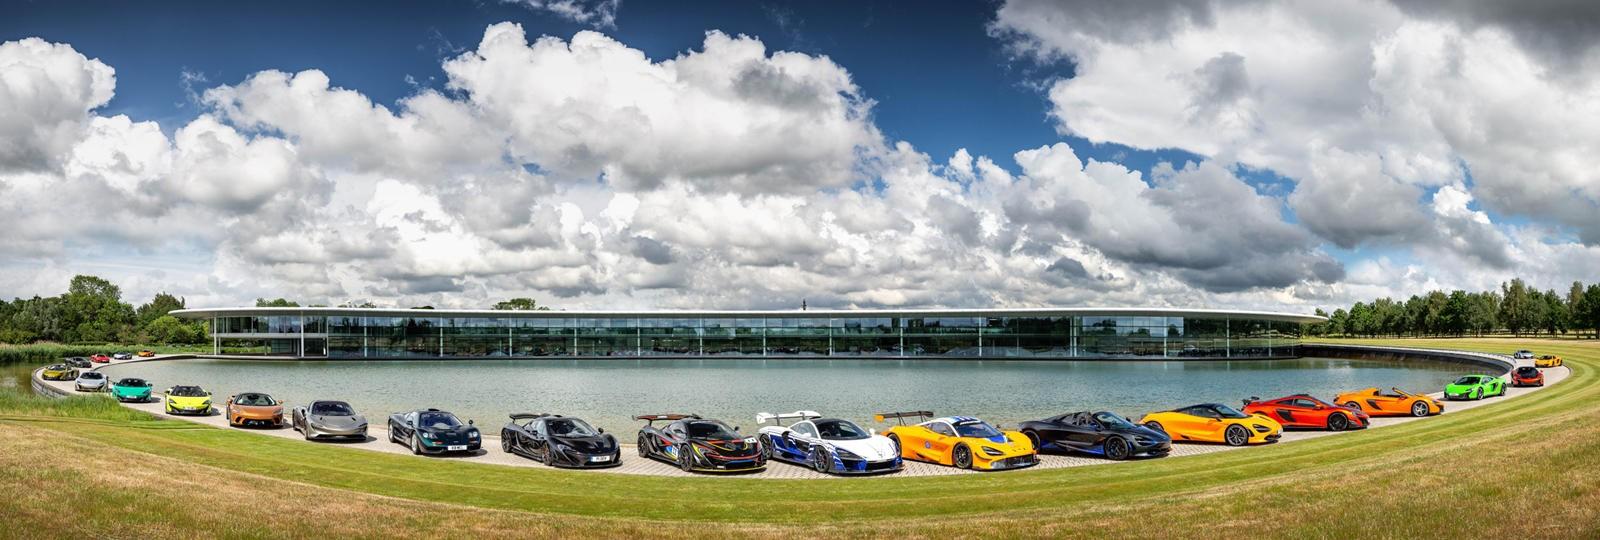 McLaren đã huy động tới 23 chiếc siêu xe đắt giá để tạo nên bức cảnh có một không ai này